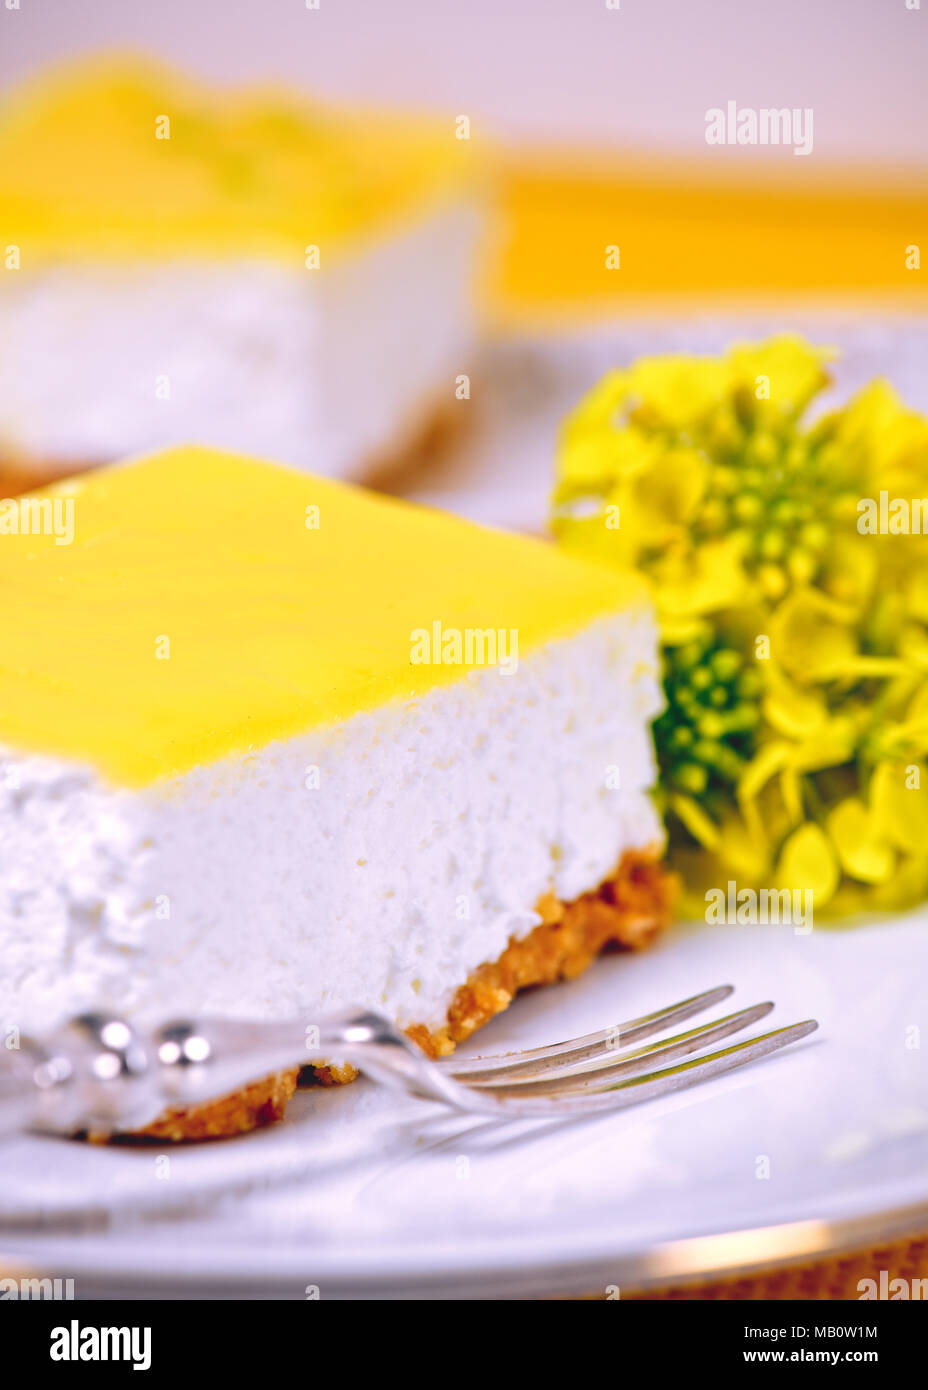 Tranche de citron mousse sur un endroit blanc avec une fourchette d'argent et de fleurs jaunes à l'arrière-plan flou d'espace copie d'annonce Photo Stock